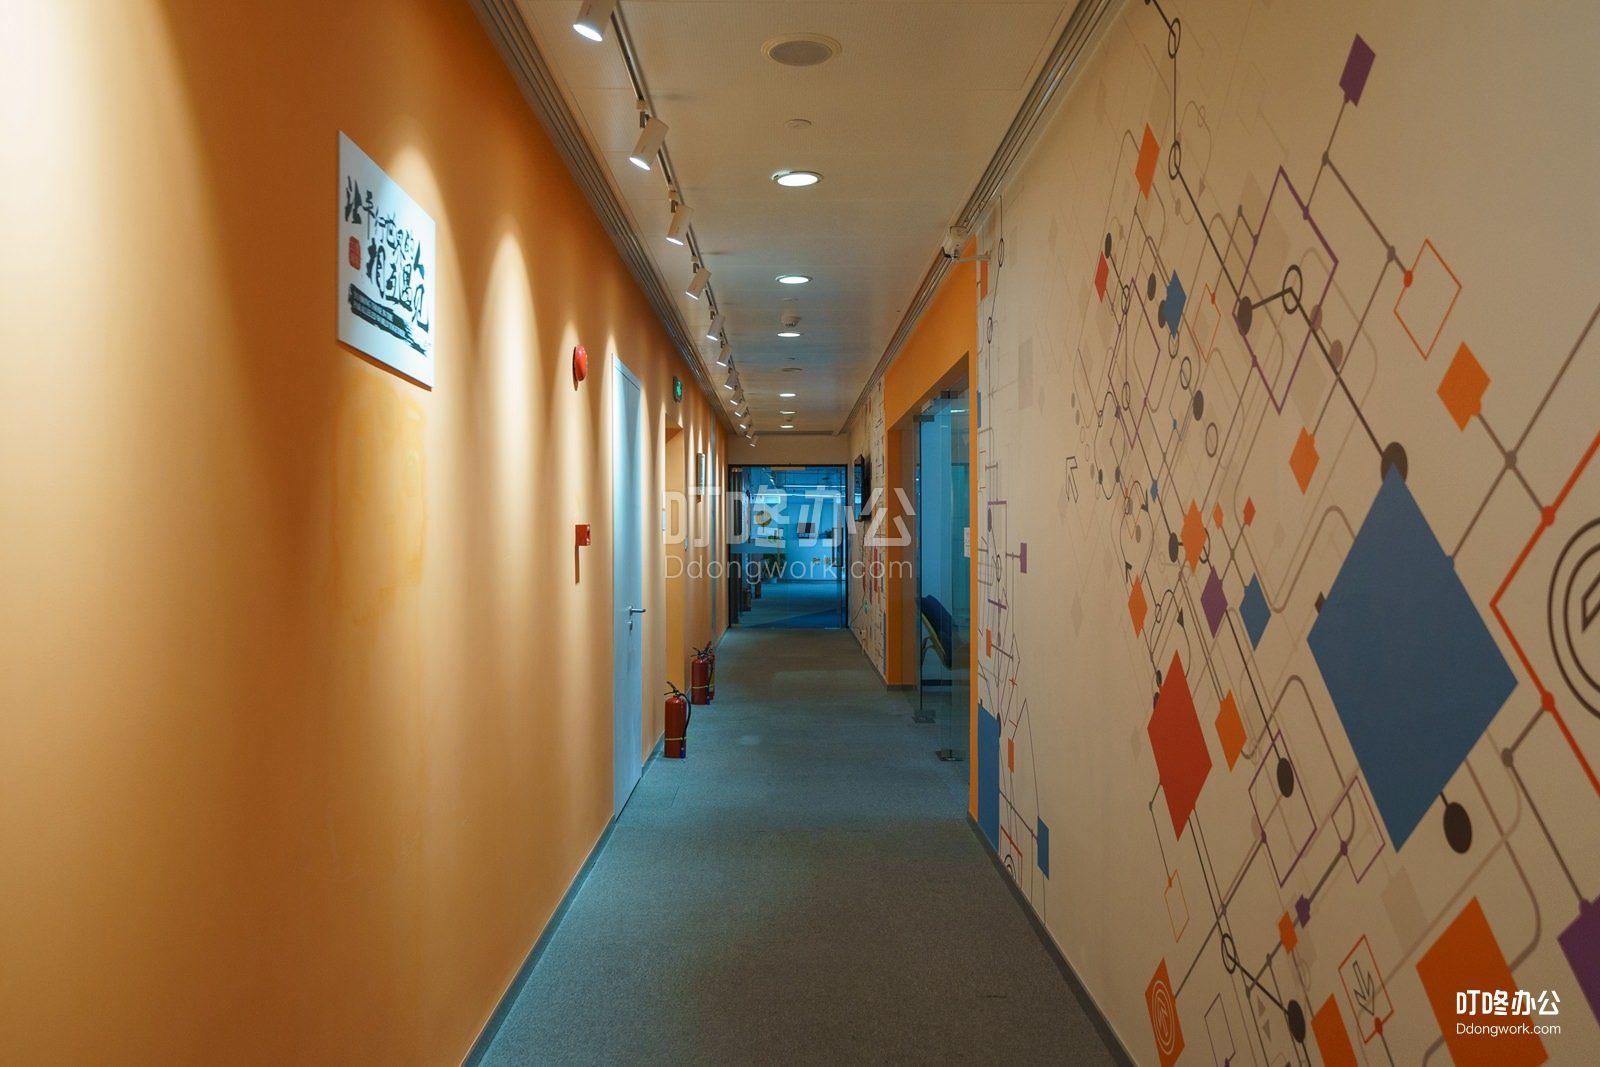 深圳阿里巴巴大厦•优客工场